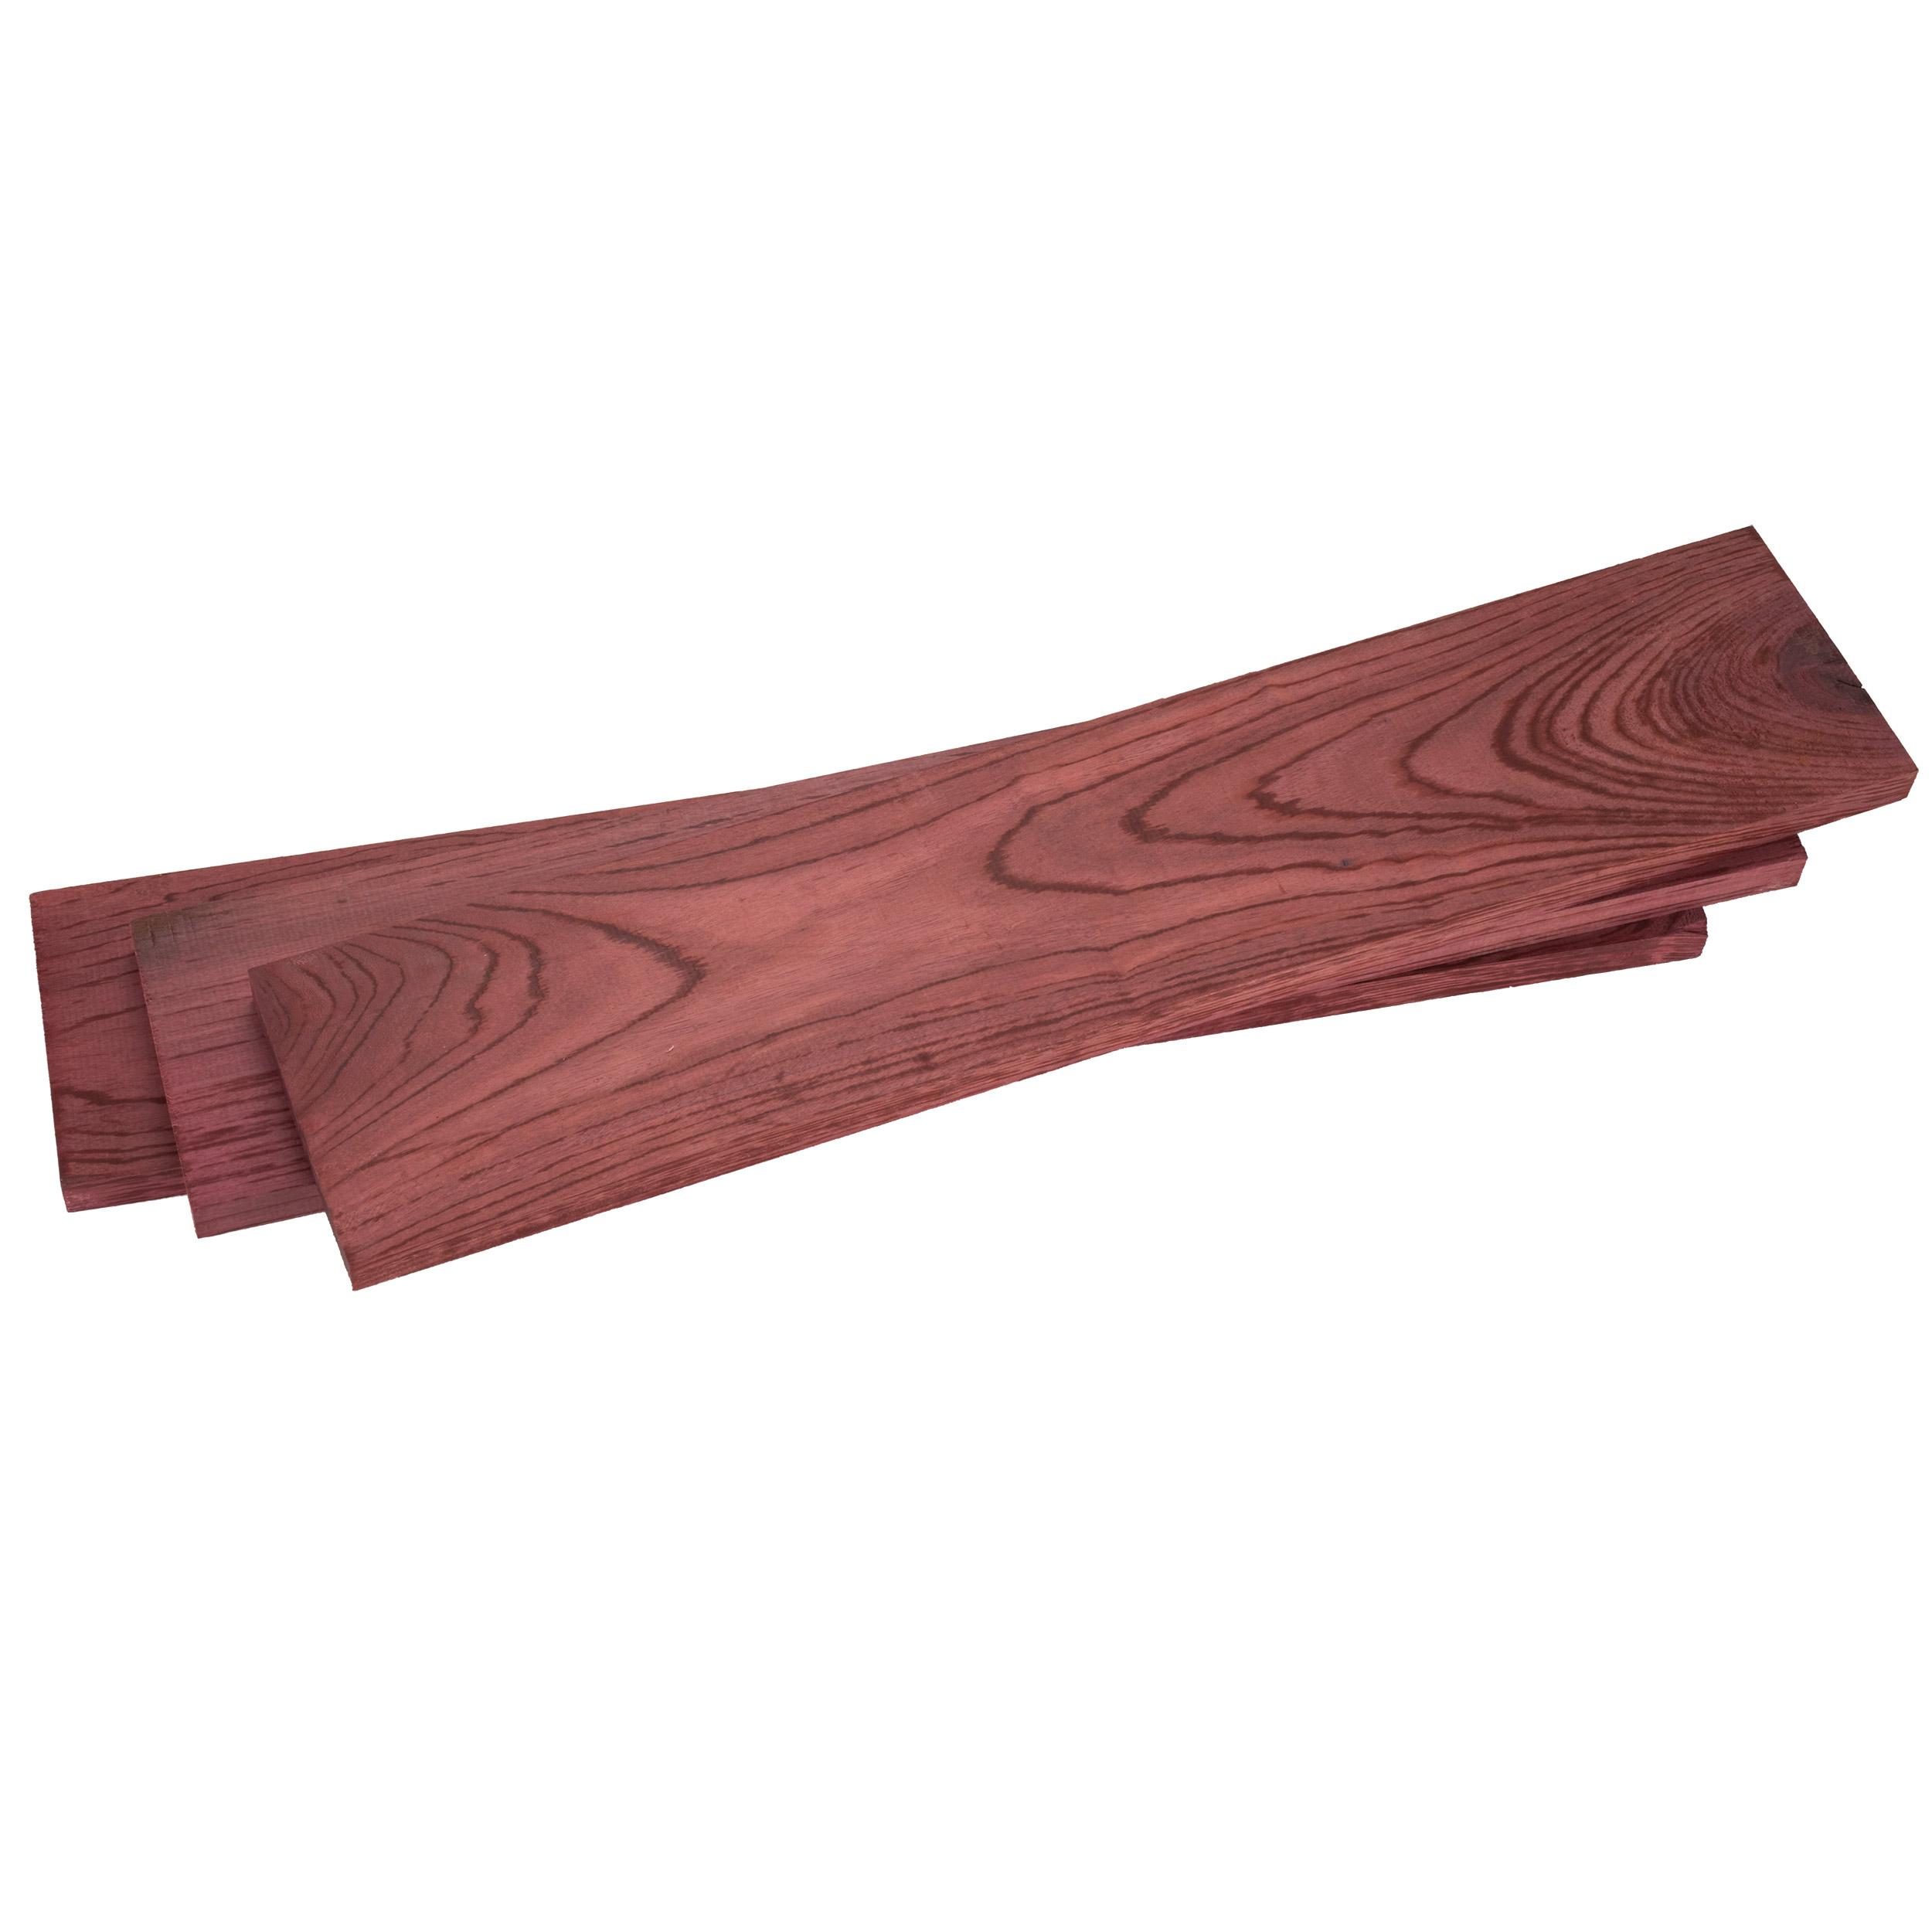 Purpleheart 3/4 x 5 x 36 Dimensioned Wood